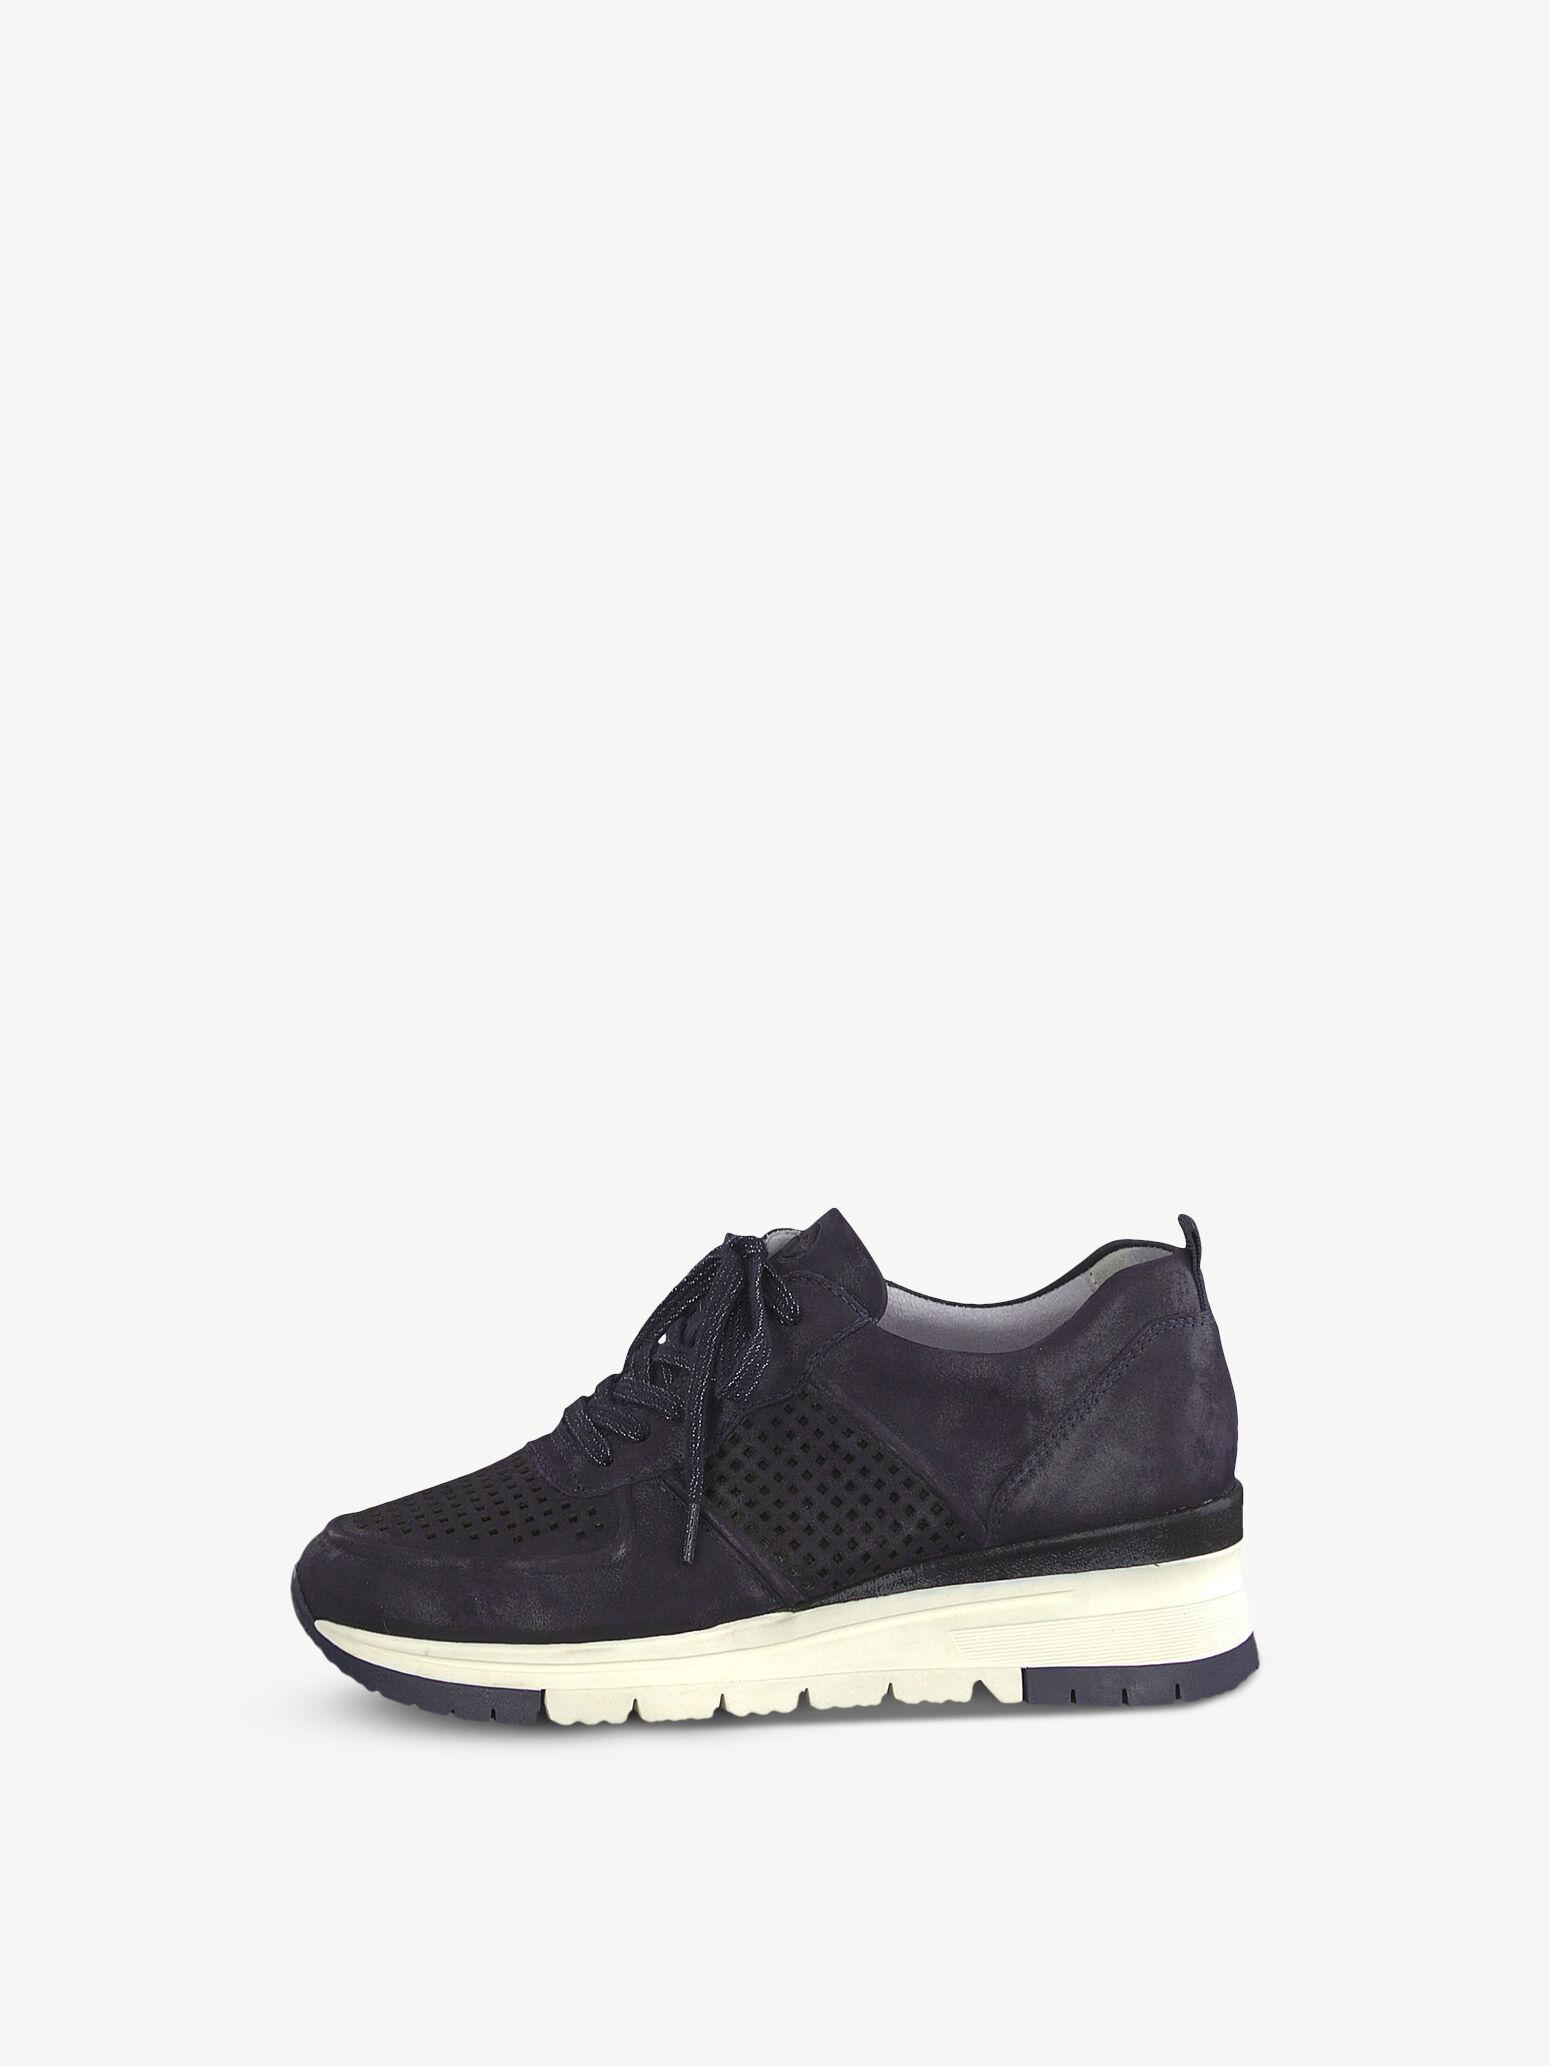 Buy Tamaris Size 38 online now!